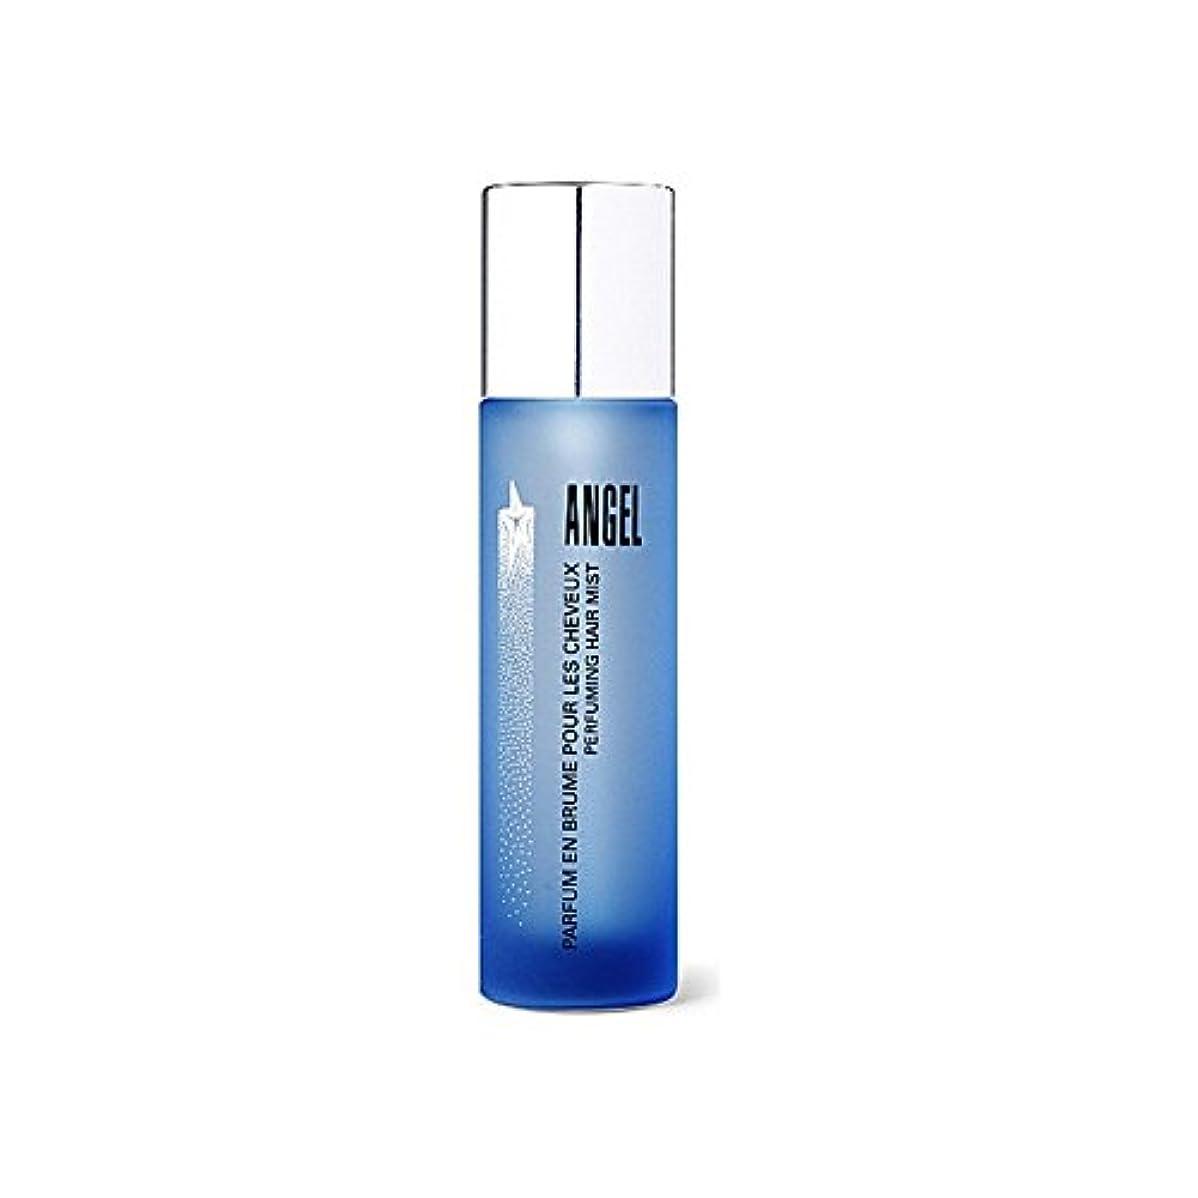 頭天才ほのかThierry Mugler Angel Perfuming Hair Mist 30ml - ティエリーミュグレーエンジェル香料ヘアミスト30ミリリットル [並行輸入品]